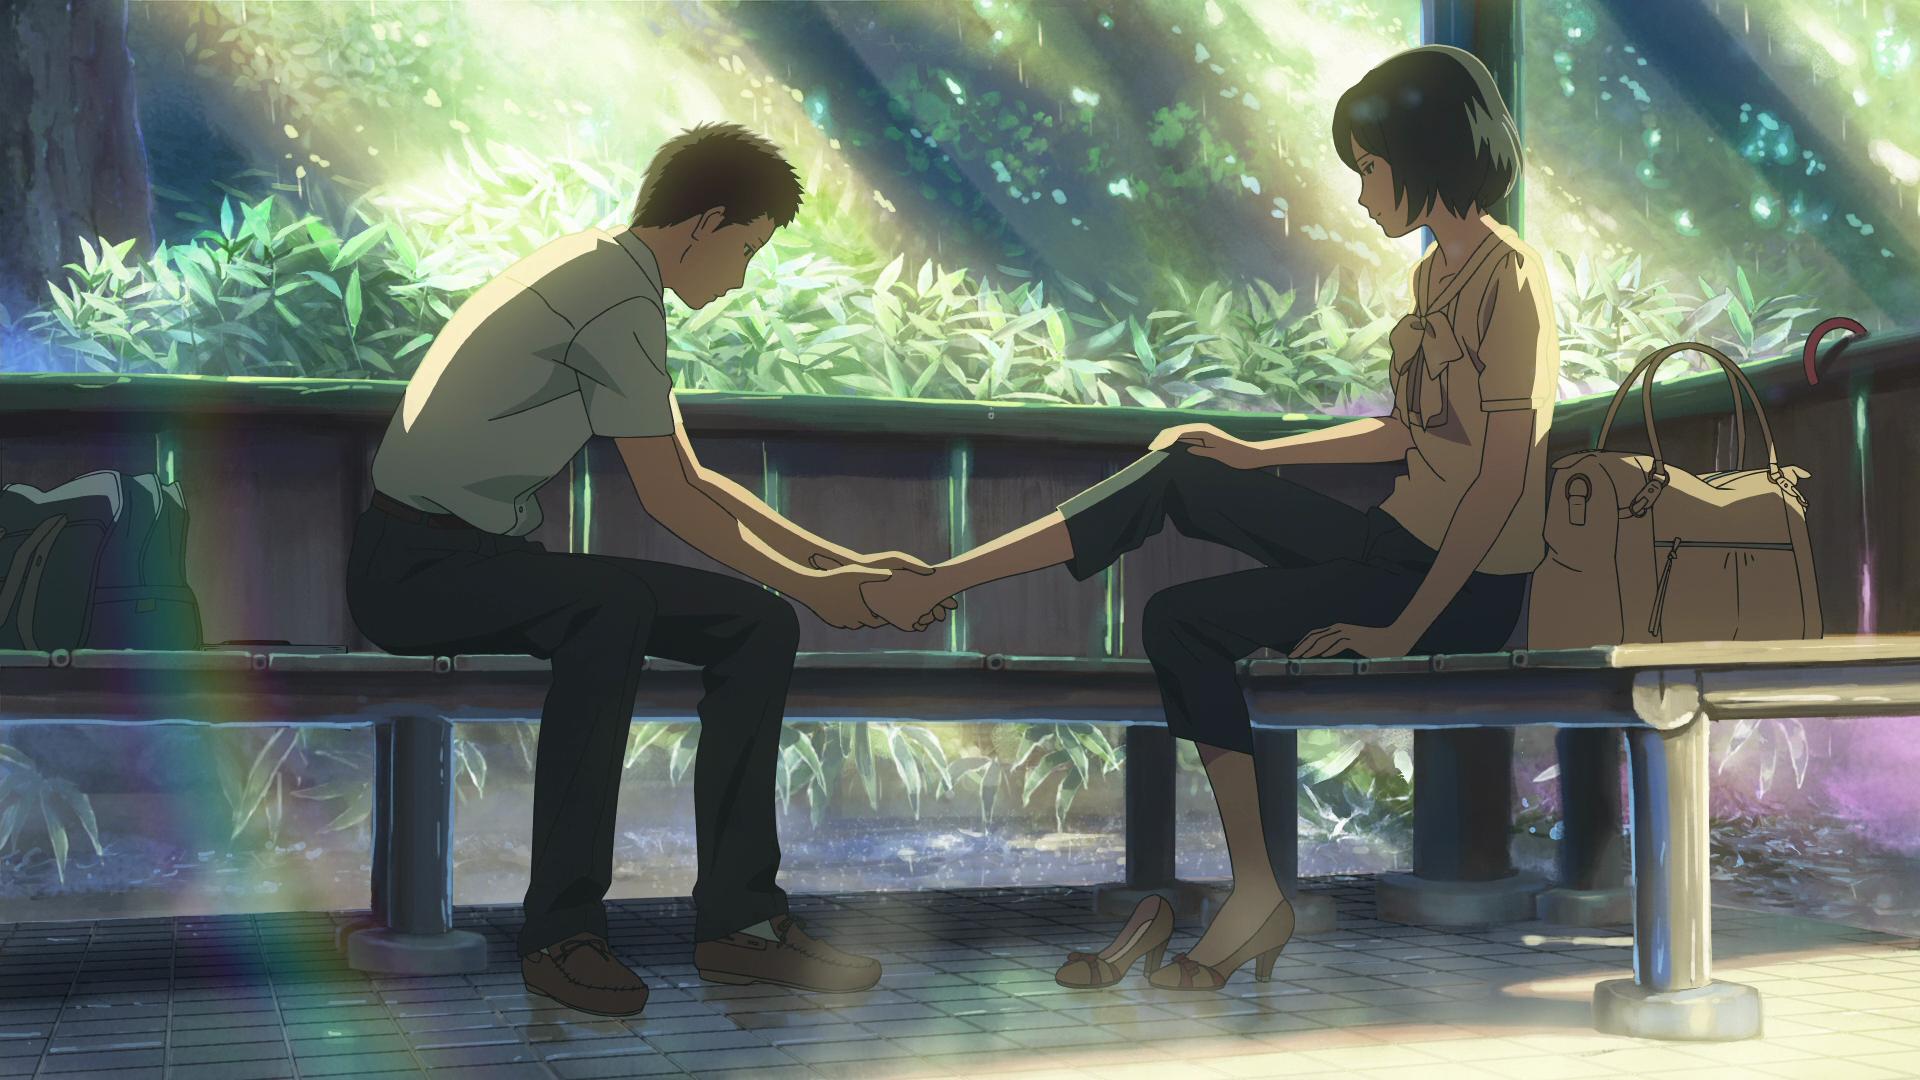 Takao Akizuki Yukari Yukino Kotonoha No Niwa The Garden Of Words Garden Of Words Anime Love Words Wallpaper